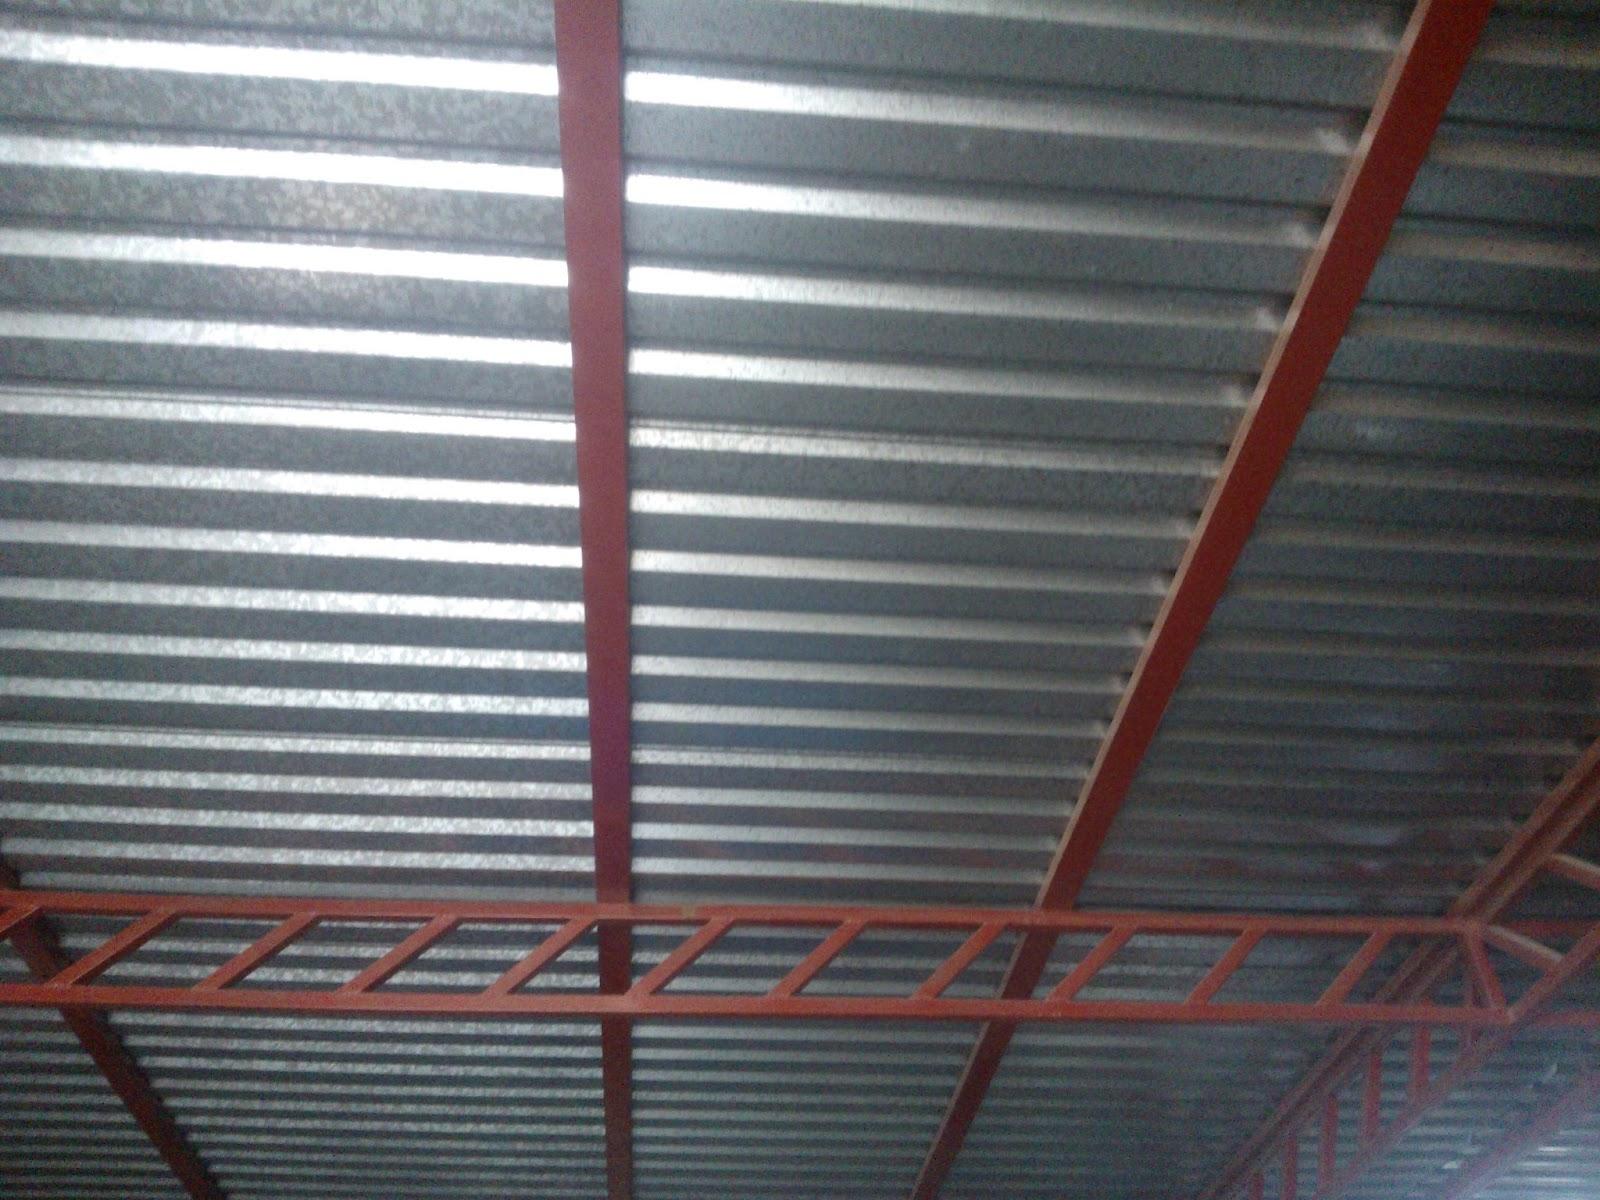 Domos ravisa instalaciones con laminas acanaladas - Laminas para pared ...